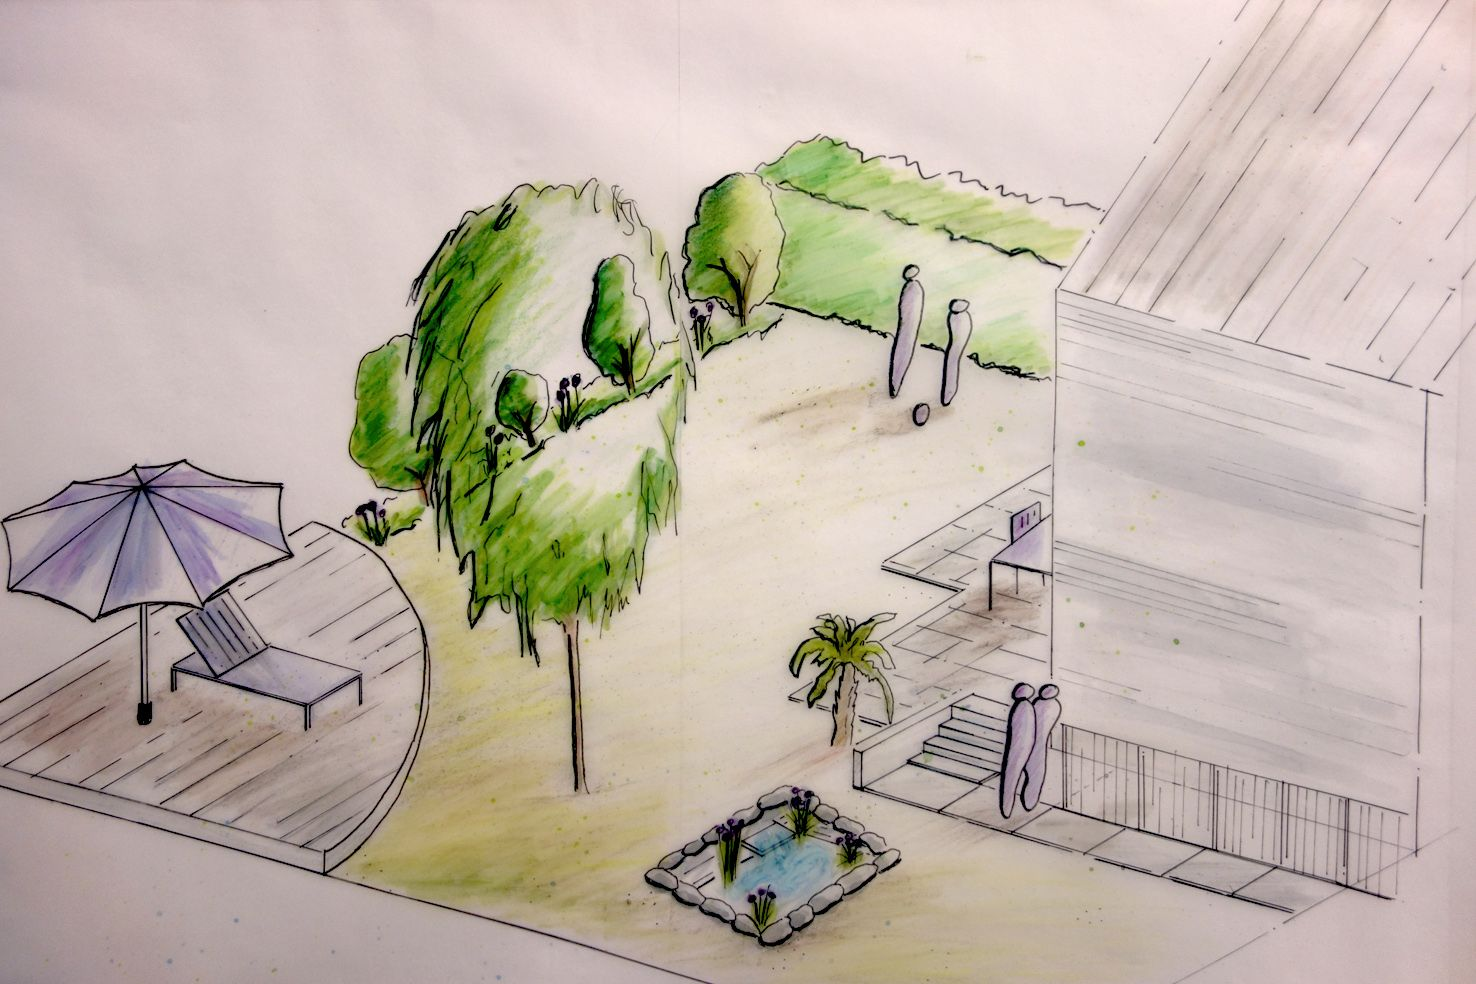 Isometrie zeichnen in der gartengestaltung sketch pinterest isometrie zeichnen und zeichnen - Garten zeichnen ...